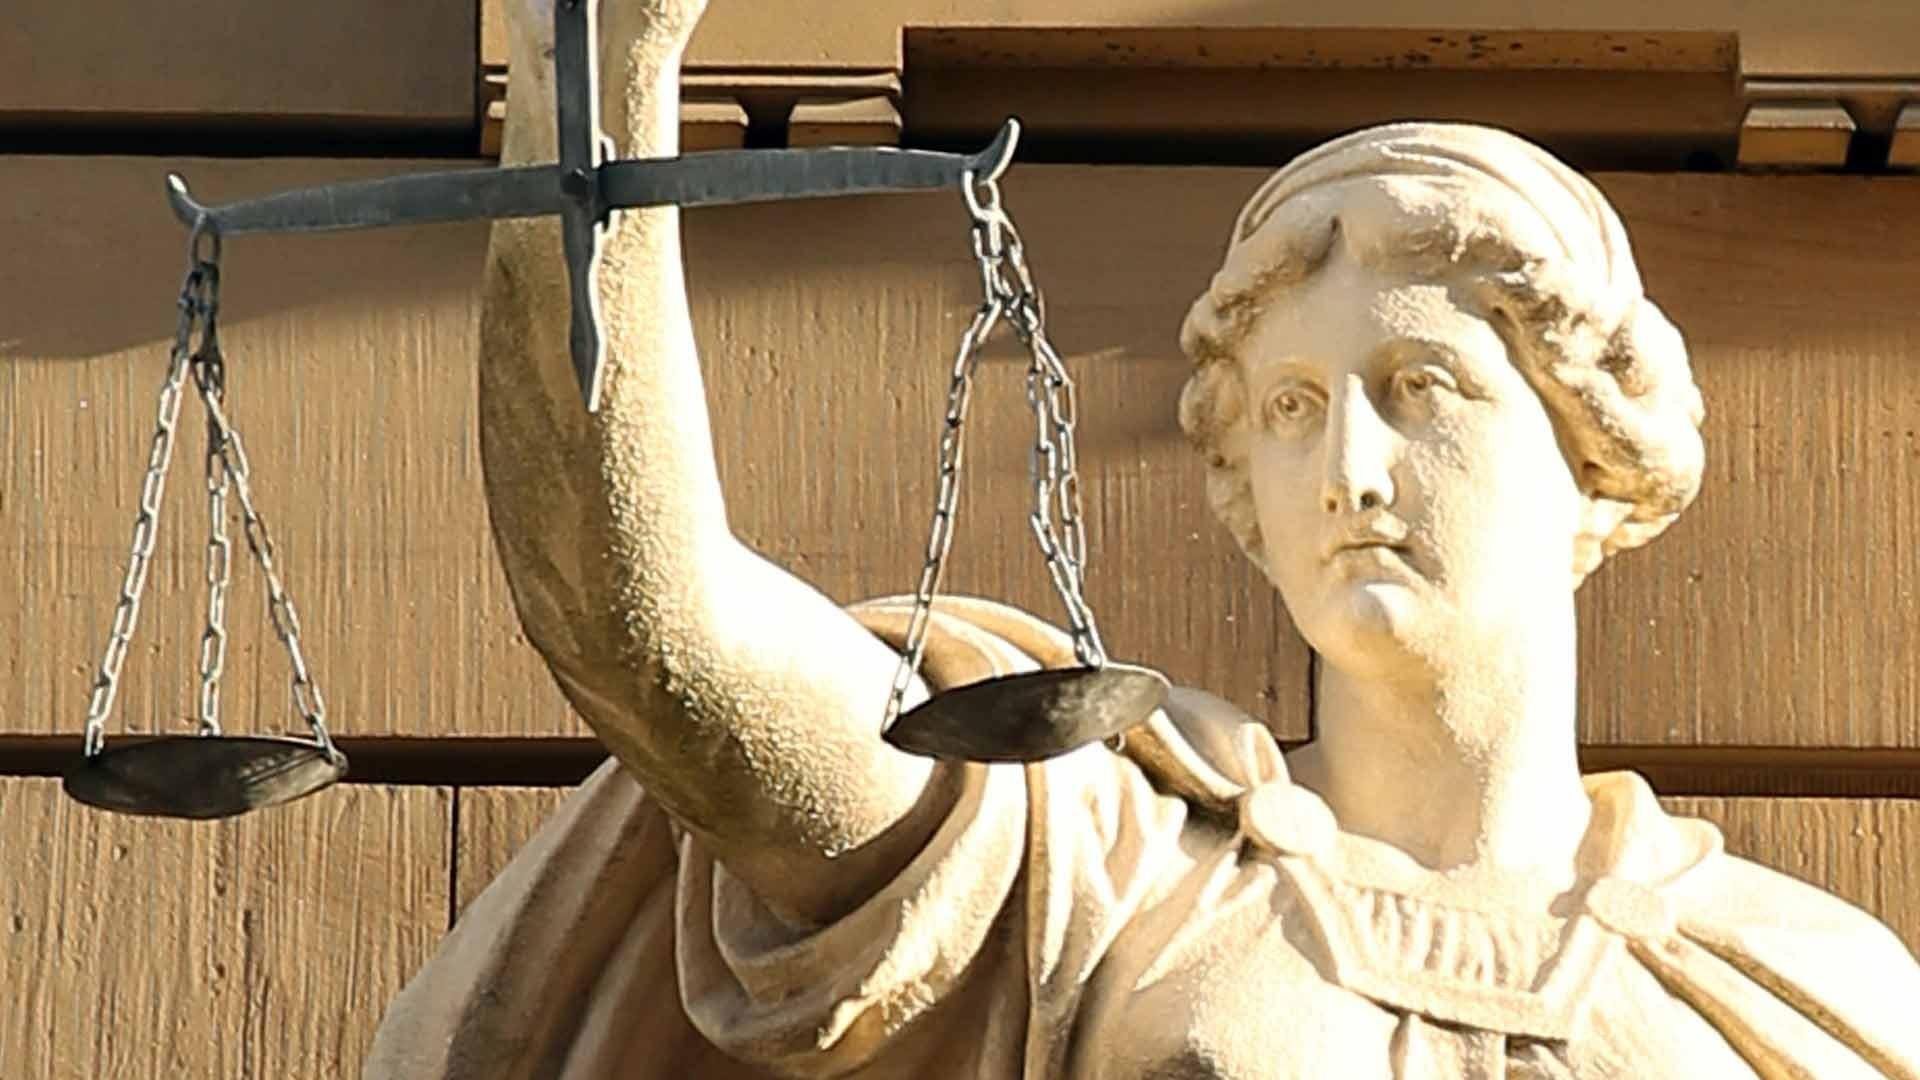 ZTL di Palermo: oltre al ricorso al TAR si prospetta la richiesta di risarcimento al Comune